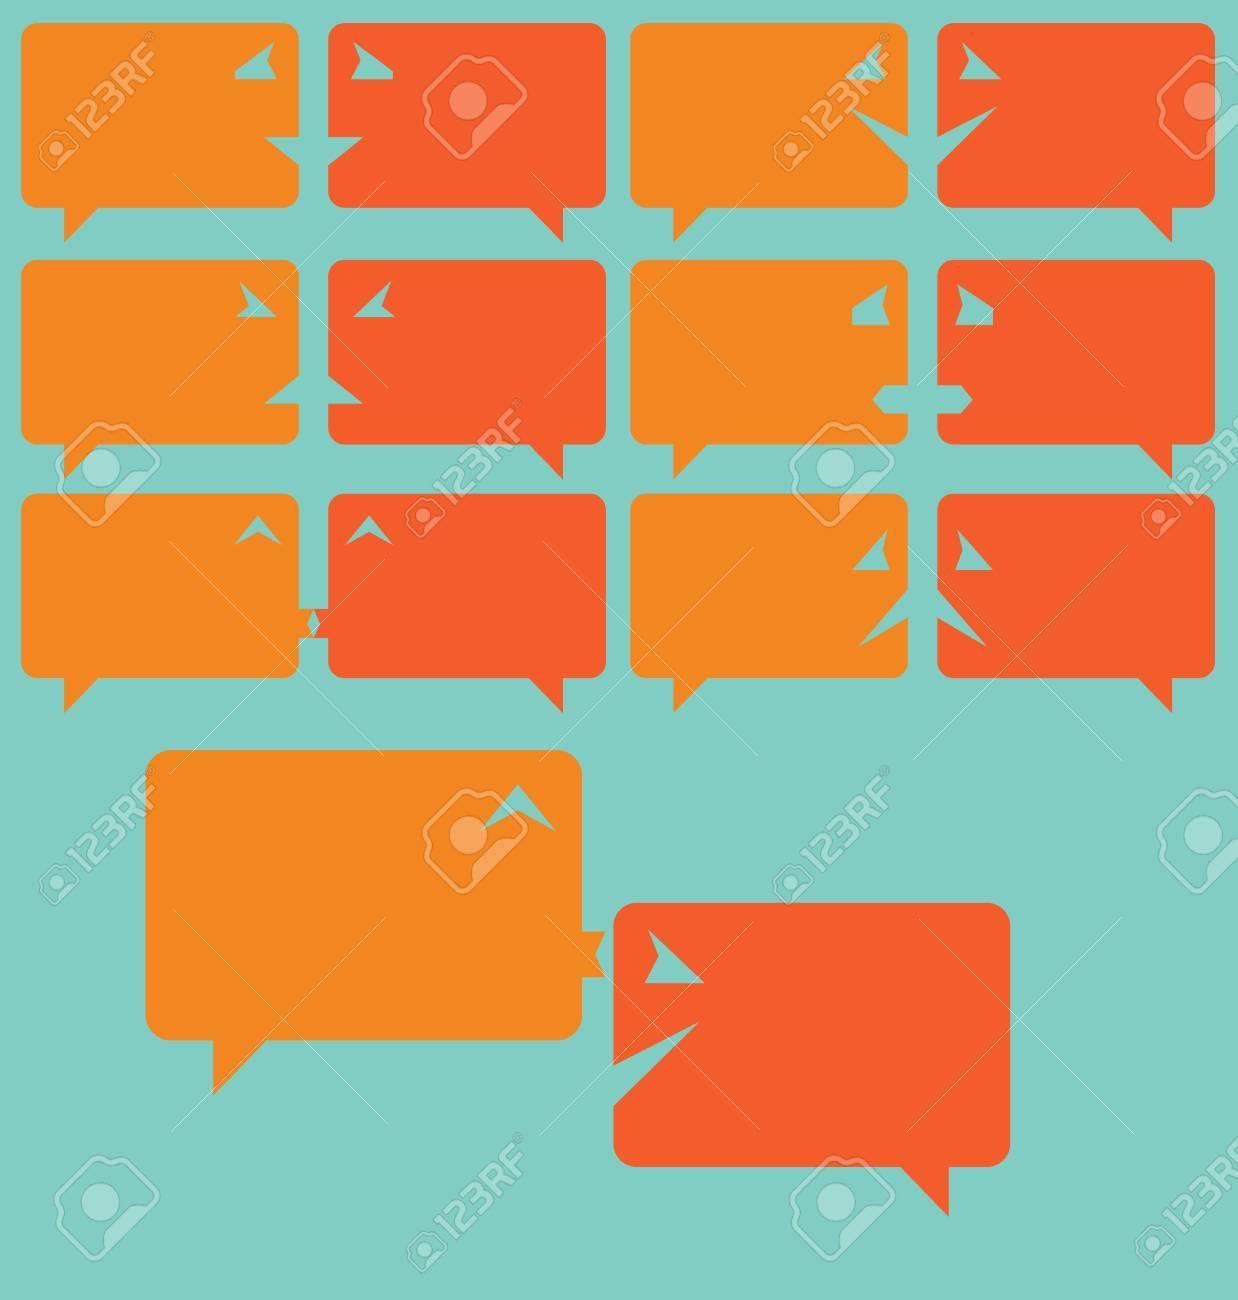 Flat design speech bubbles as emoticons Easy editable layered vector concept Stock Vector - 20699732